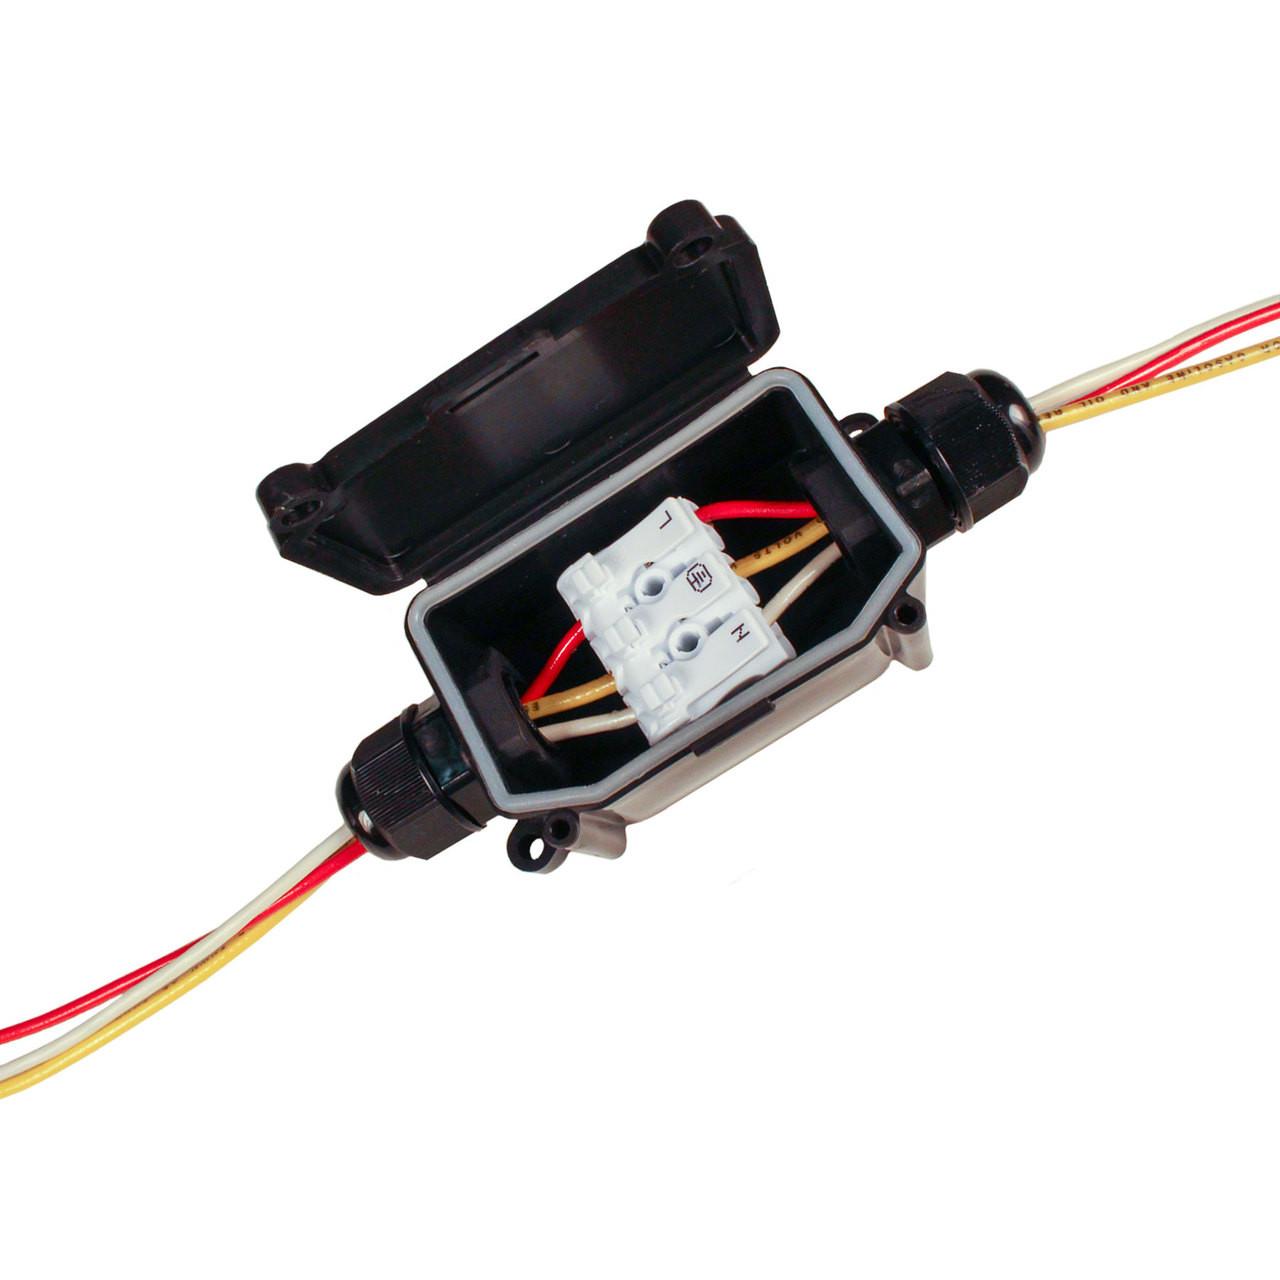 indoor outdoor 3 wire junction box with connector 215junction s rh actionlighting com Outdoor Weatherproof Box Weatherproof Phone Box